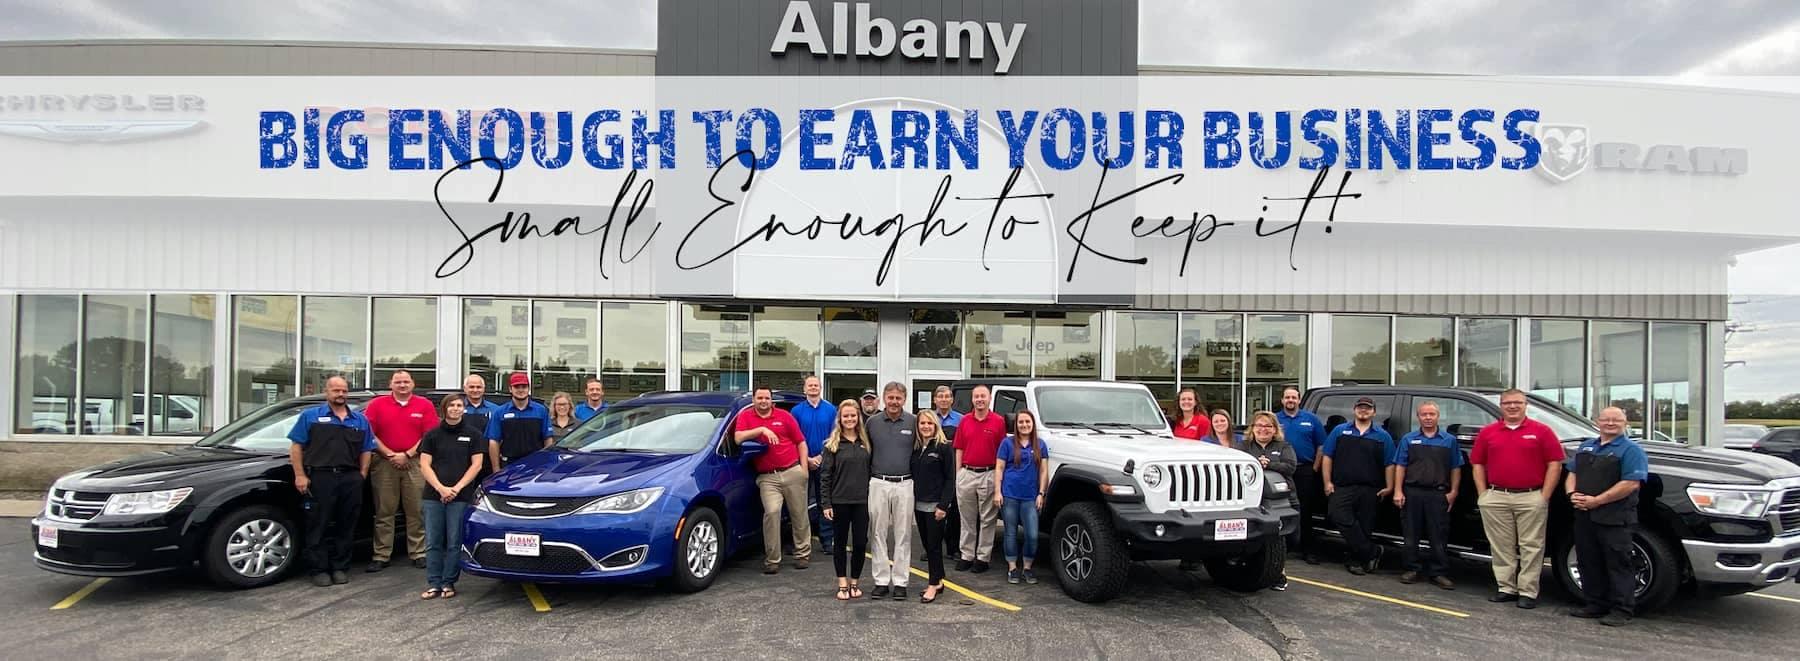 Albany Chrysler September 2020 Banner